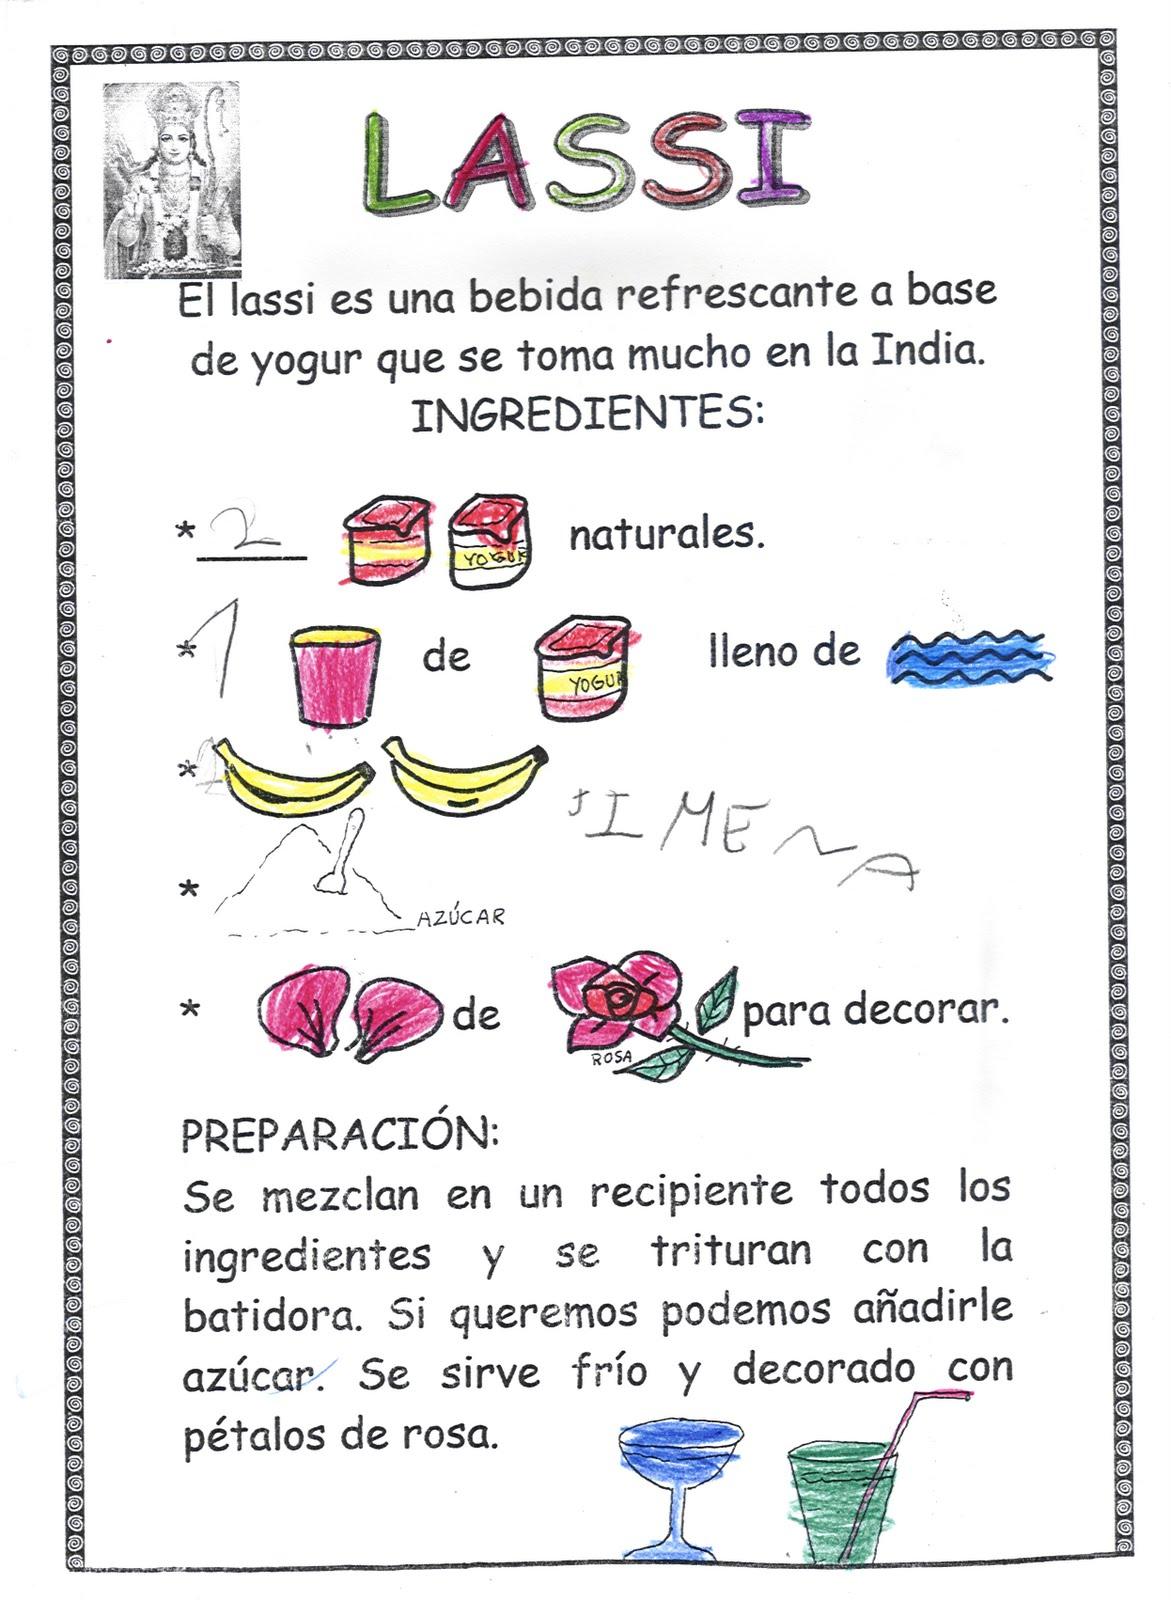 http://4.bp.blogspot.com/_sjf_V-97X5k/S84VJ-bYFZI/AAAAAAAABCo/miajHTiLQXI/s1600/fiesta+india+001.bmp